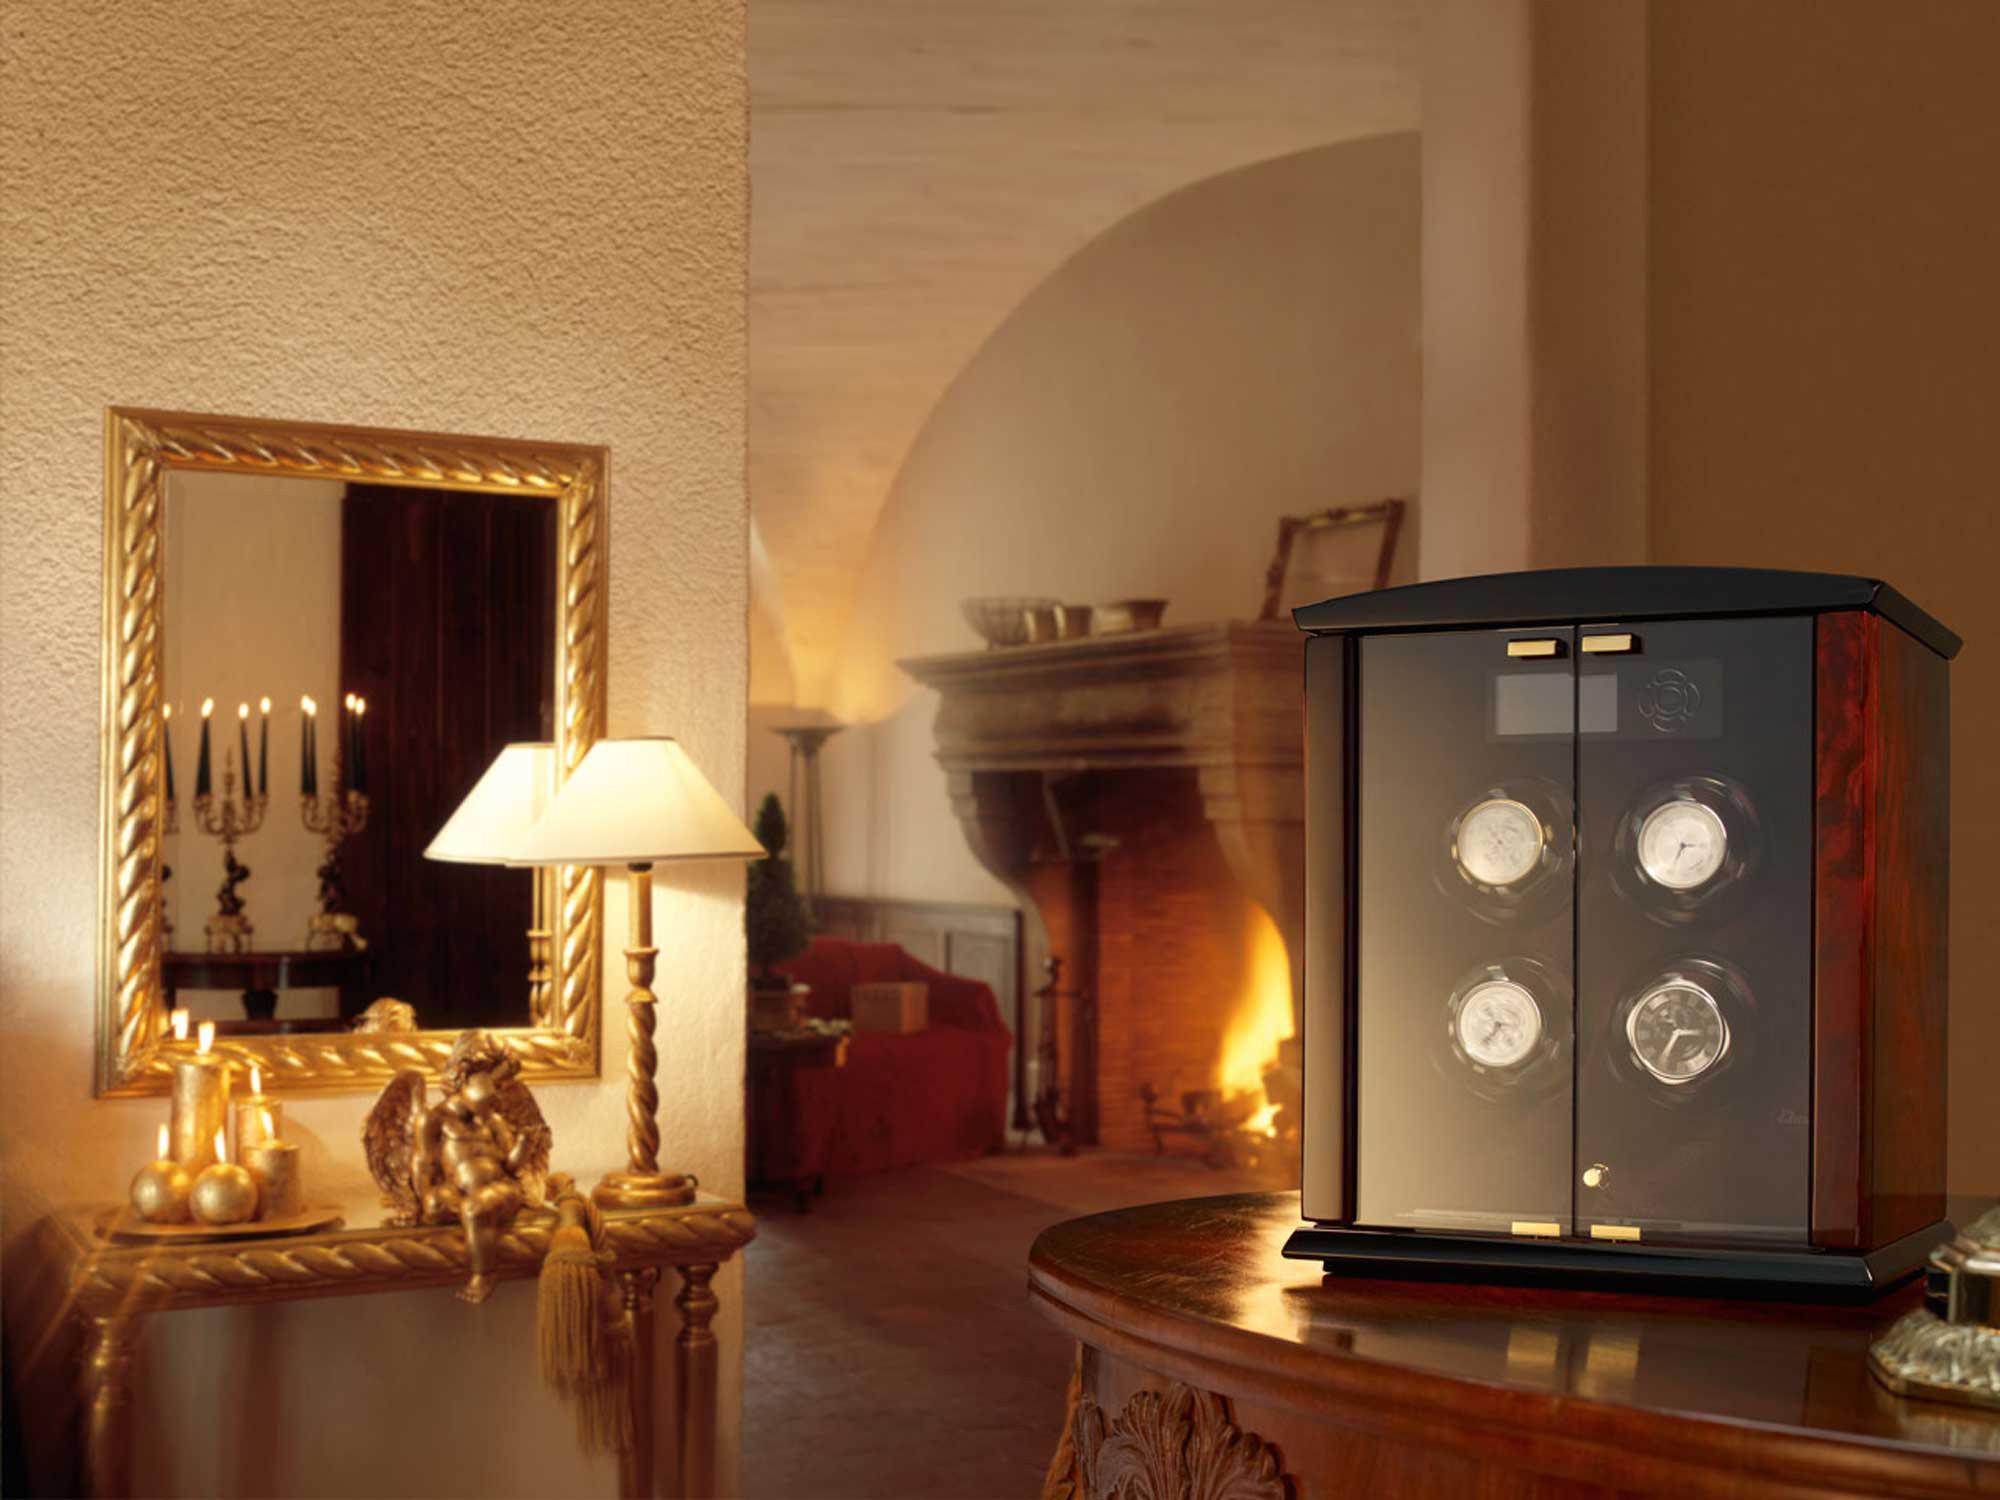 Corona 4 burlwood / glass doors Шкатулка для часов Elma Corona 4 из натурального дерева для завода автоматических часов.